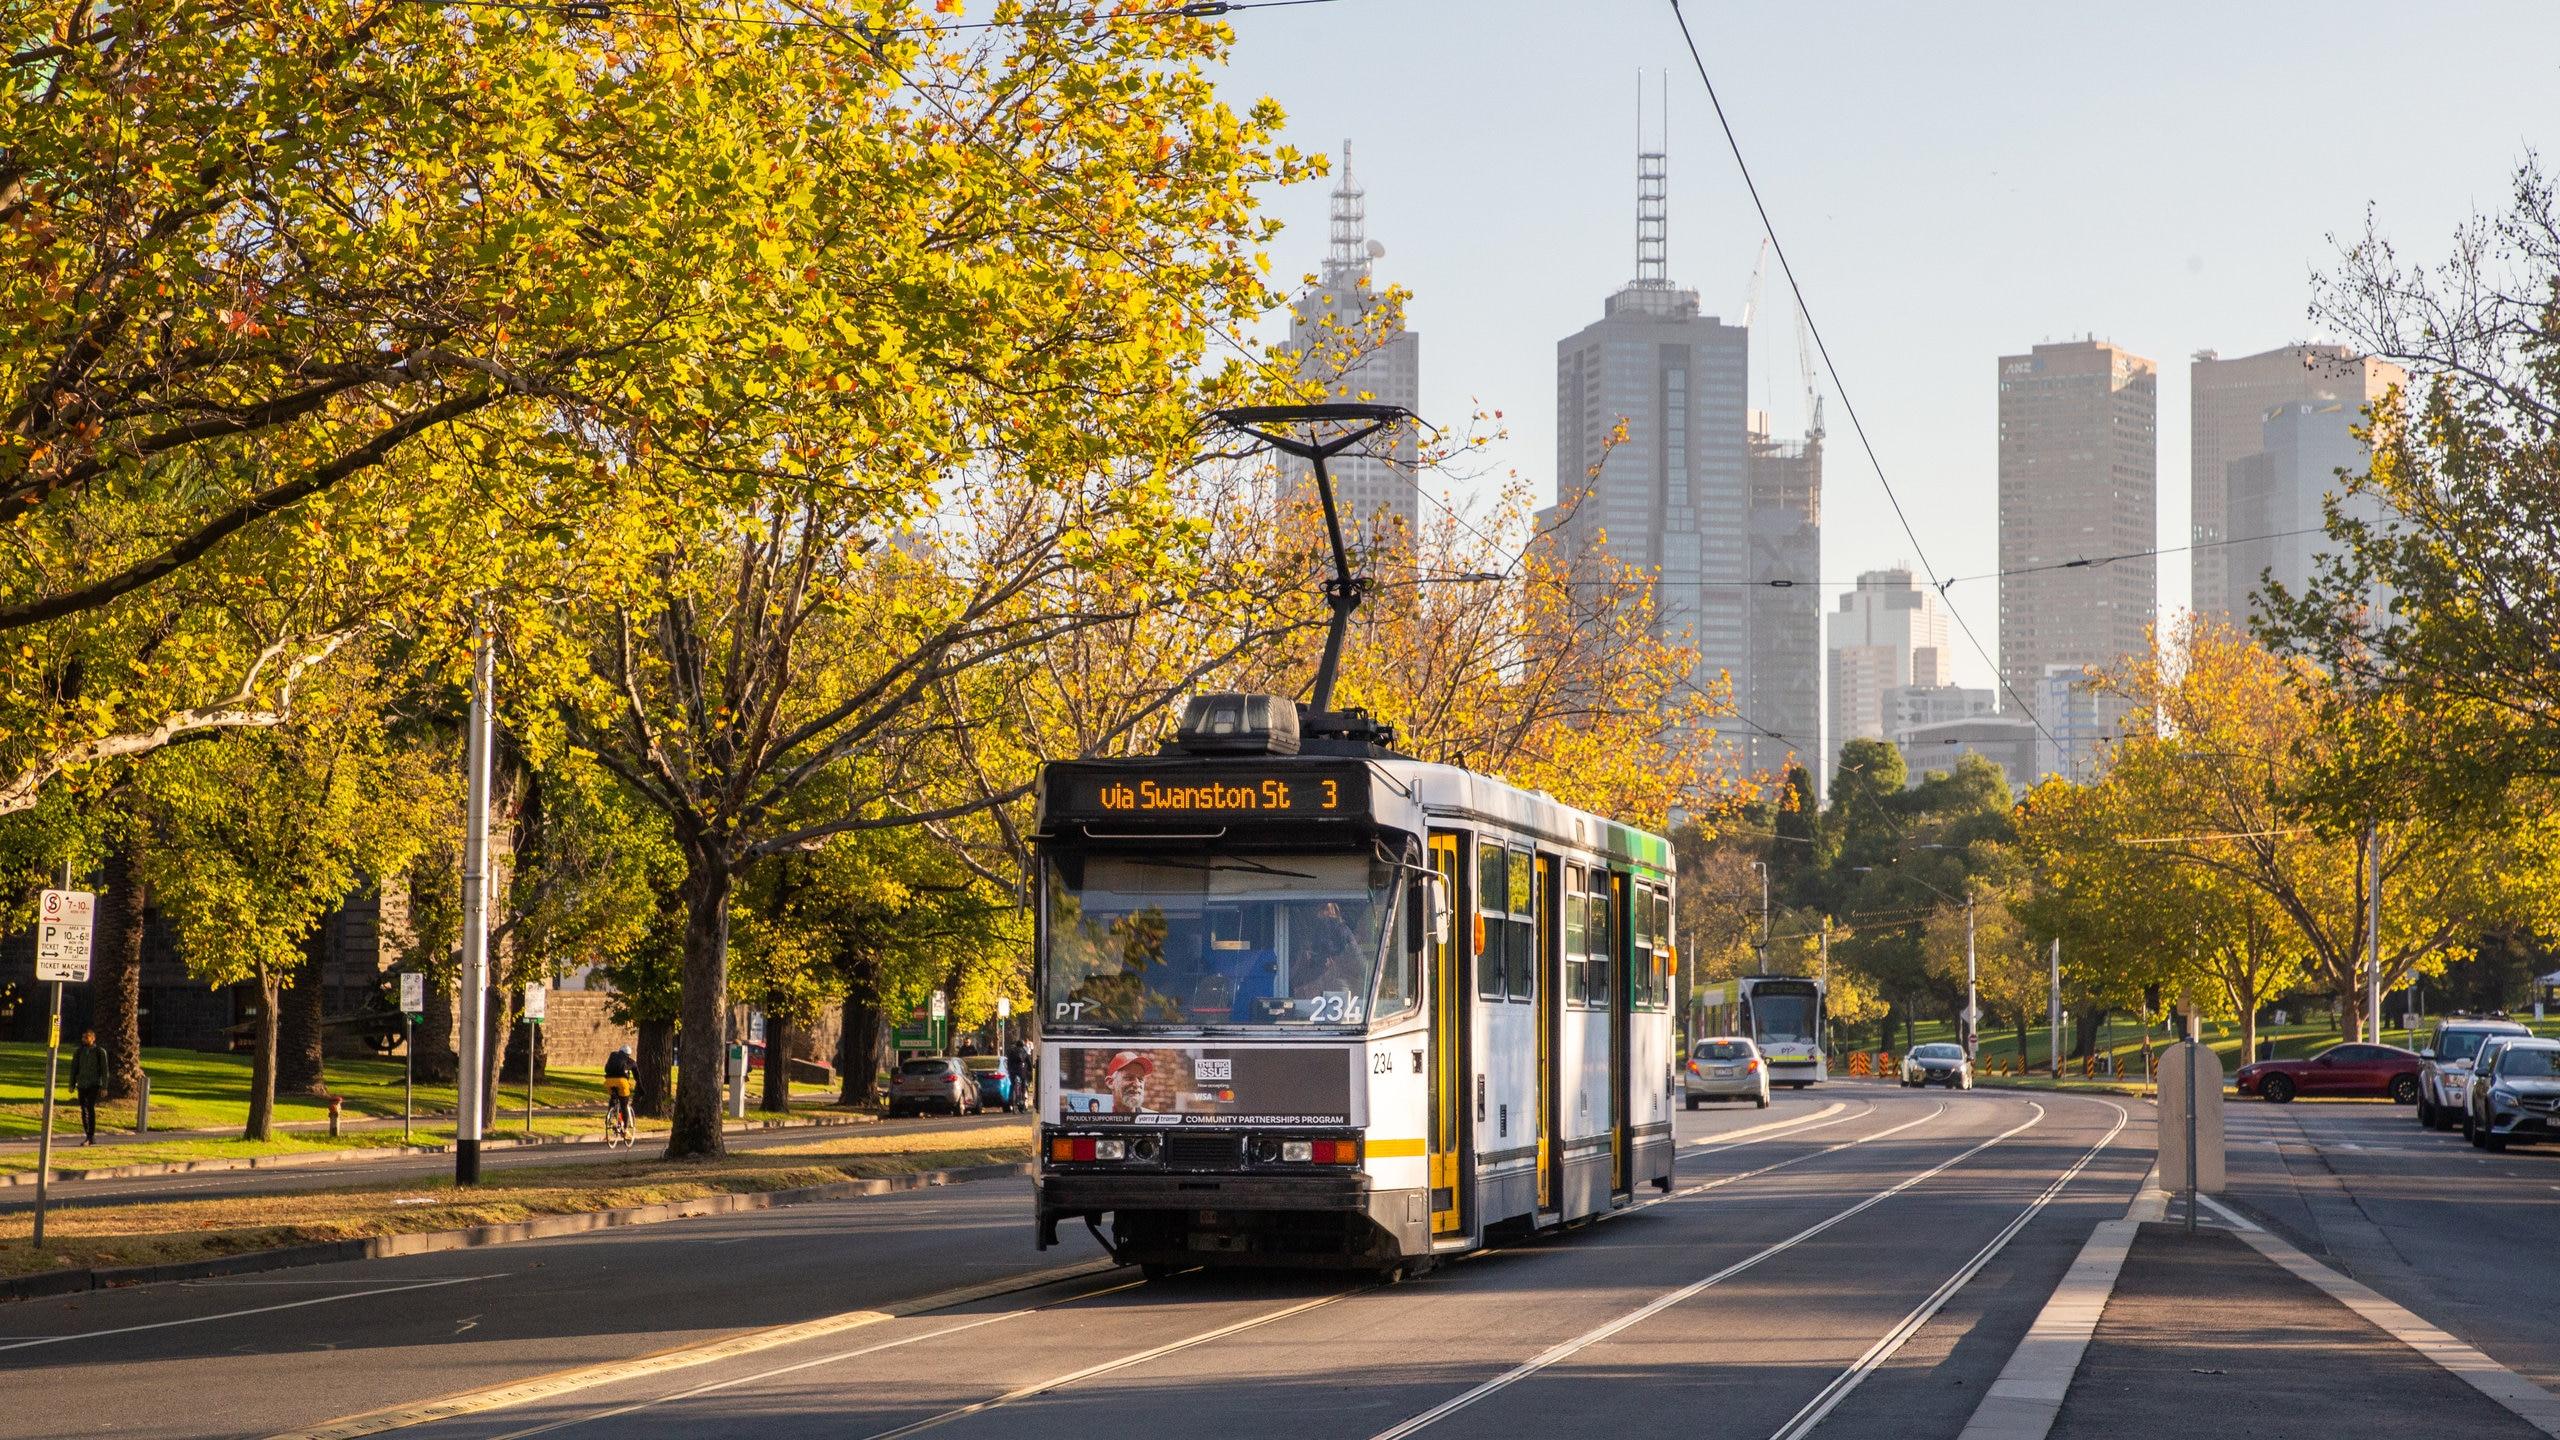 South Melbourne, Melbourne, Victoria, Australia